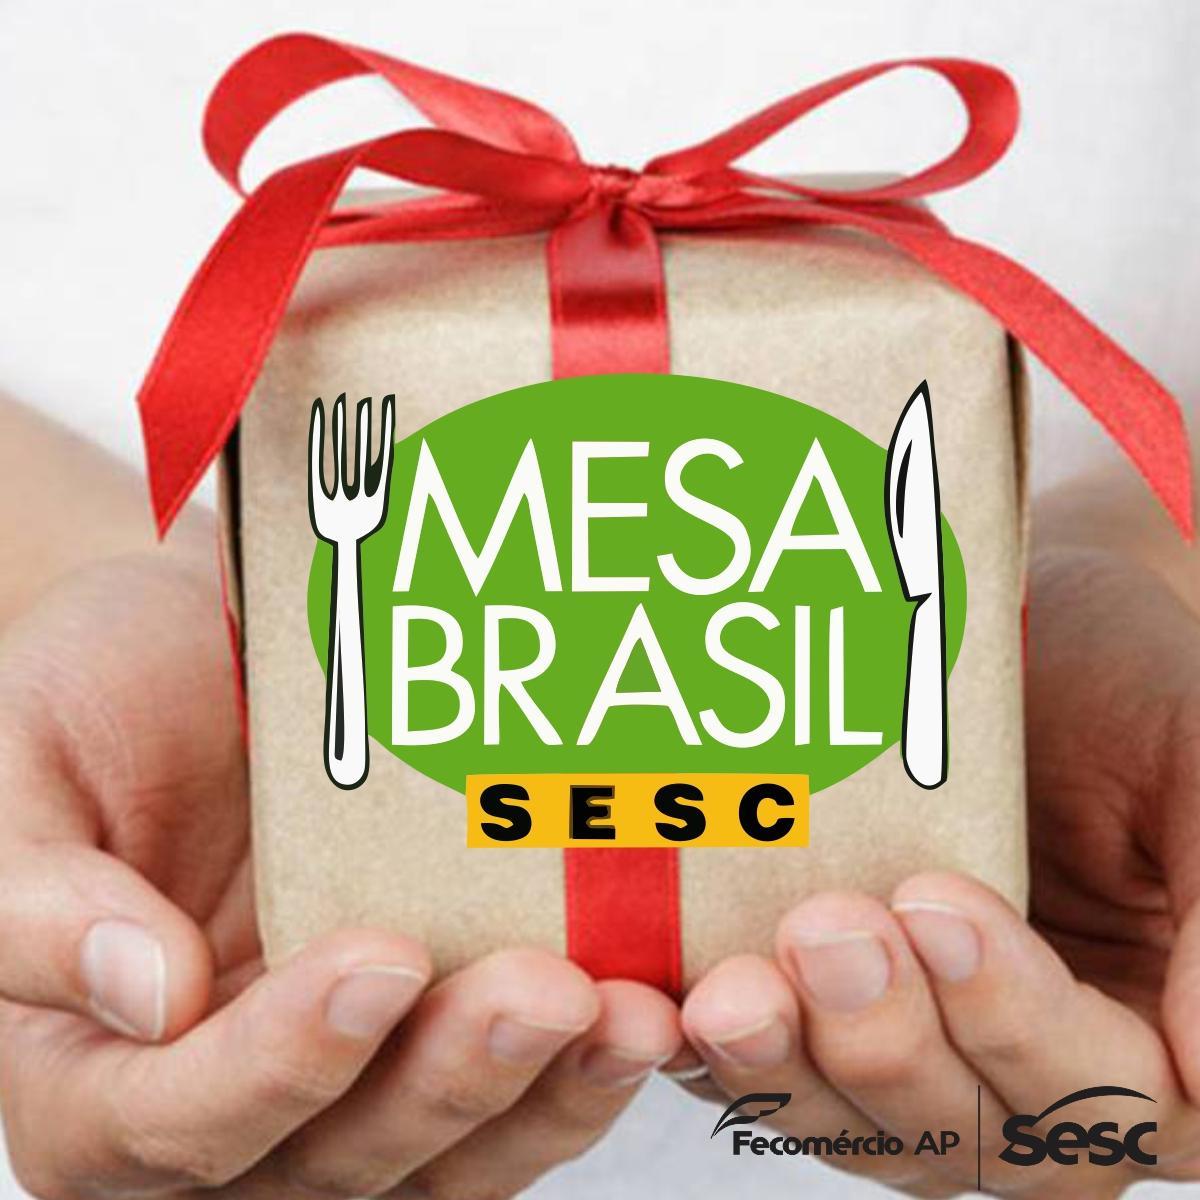 Mesa Brasil Sesc distribui brinquedos arrecadados em corrida do Comércio